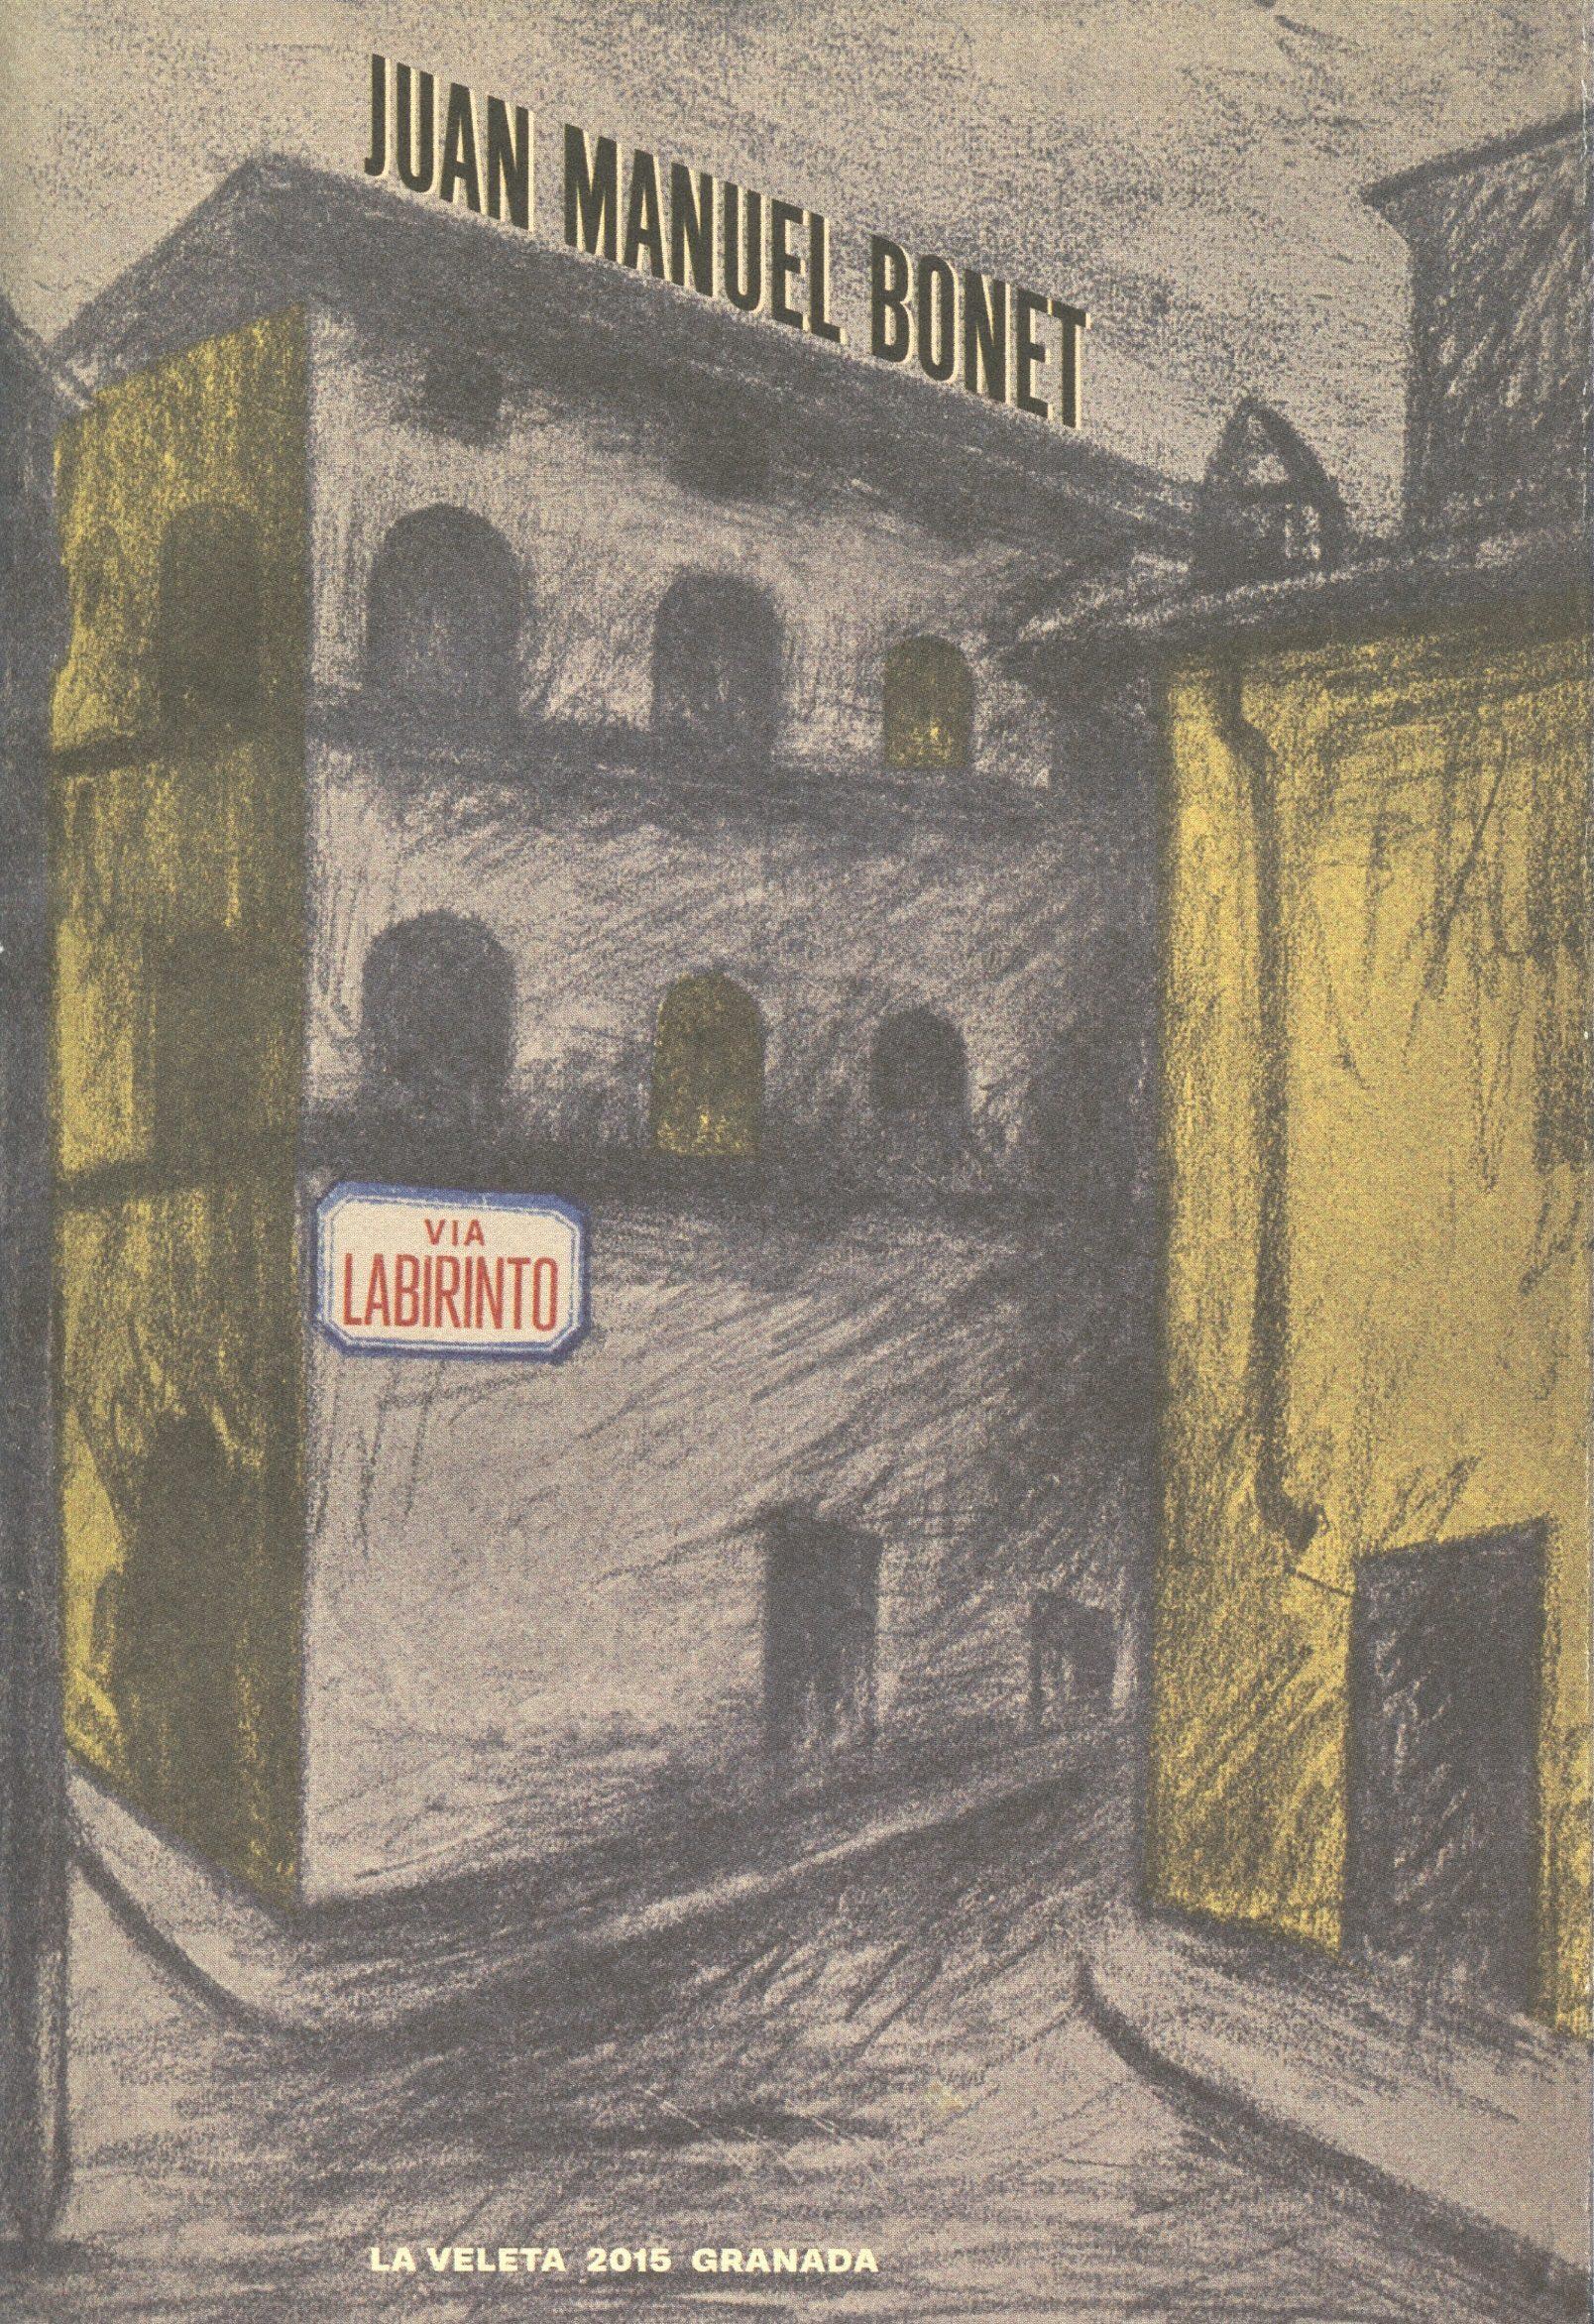 Resultado de imagen de portada del libro Vila Labirinto, Juan Manuel Bonet